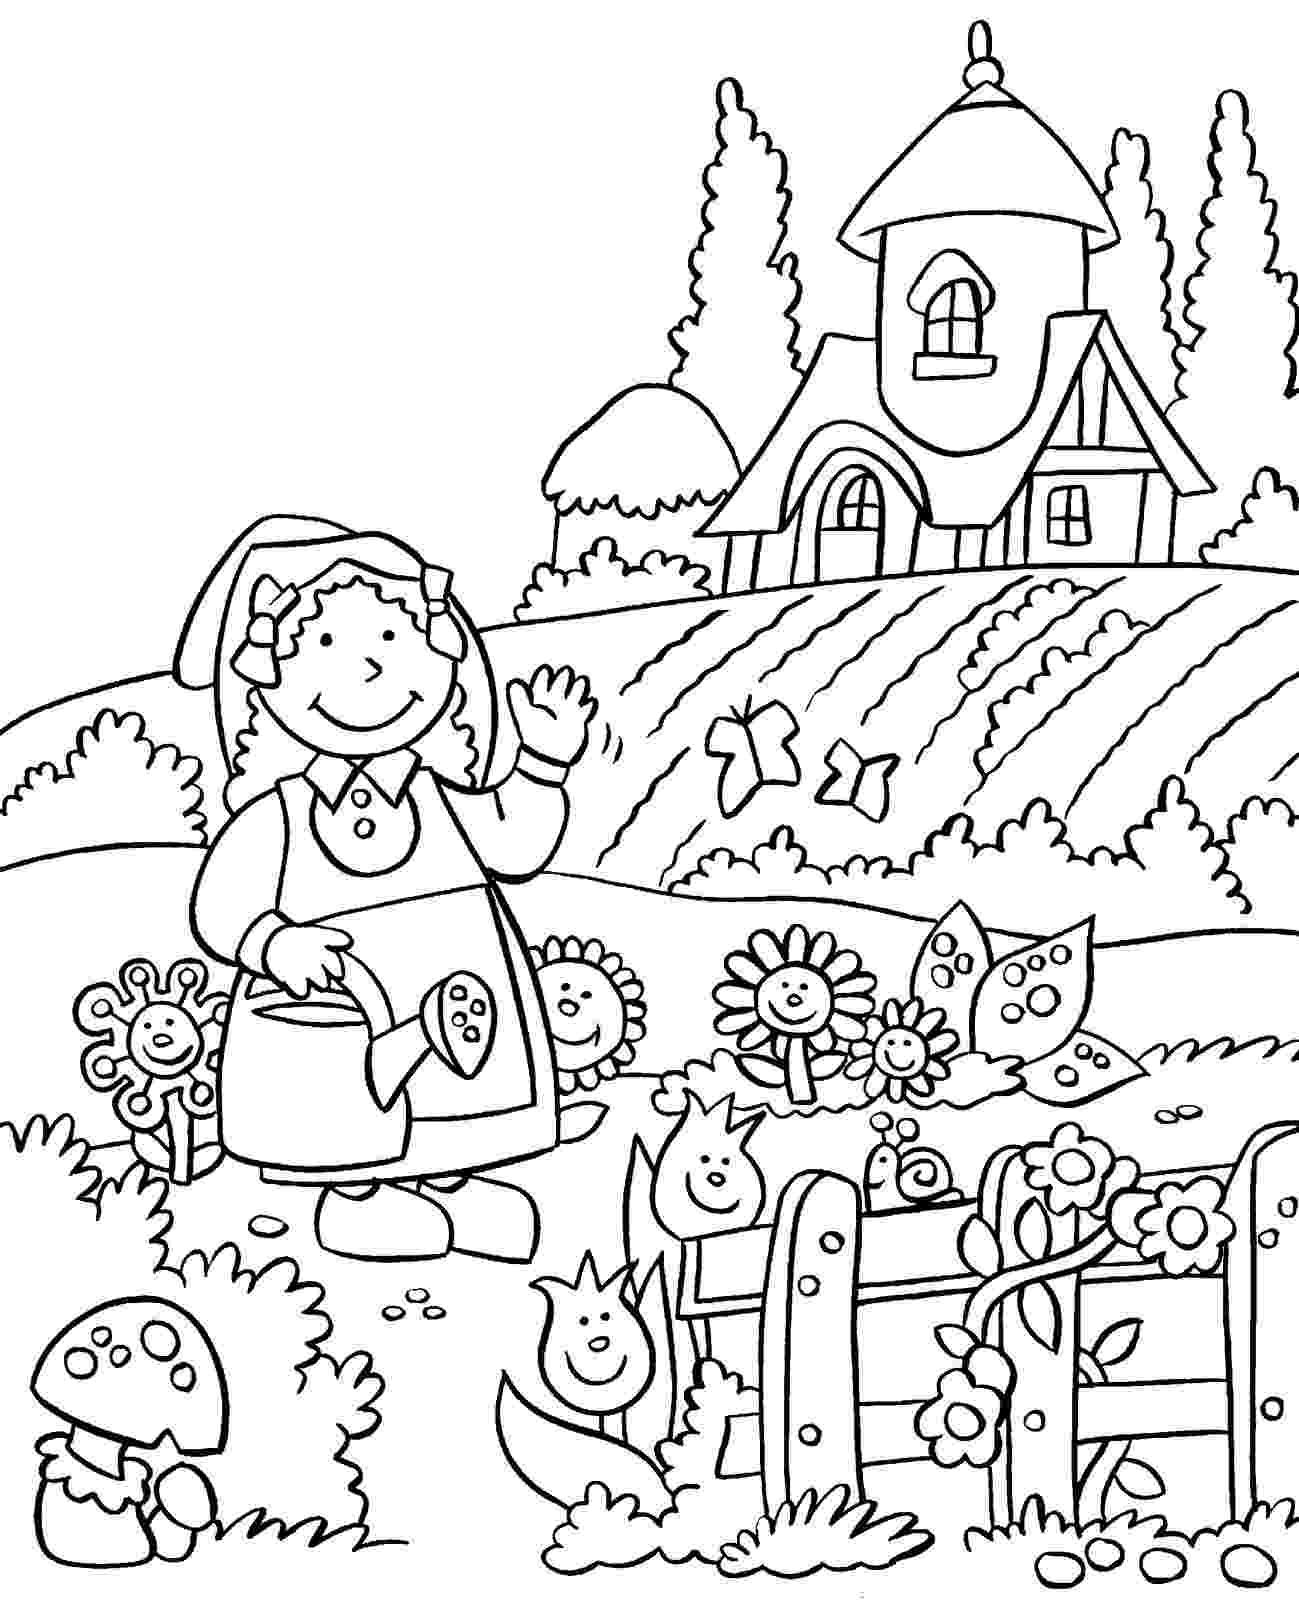 gardening colouring sheets simple garden coloring pages getcoloringpagescom sheets colouring gardening